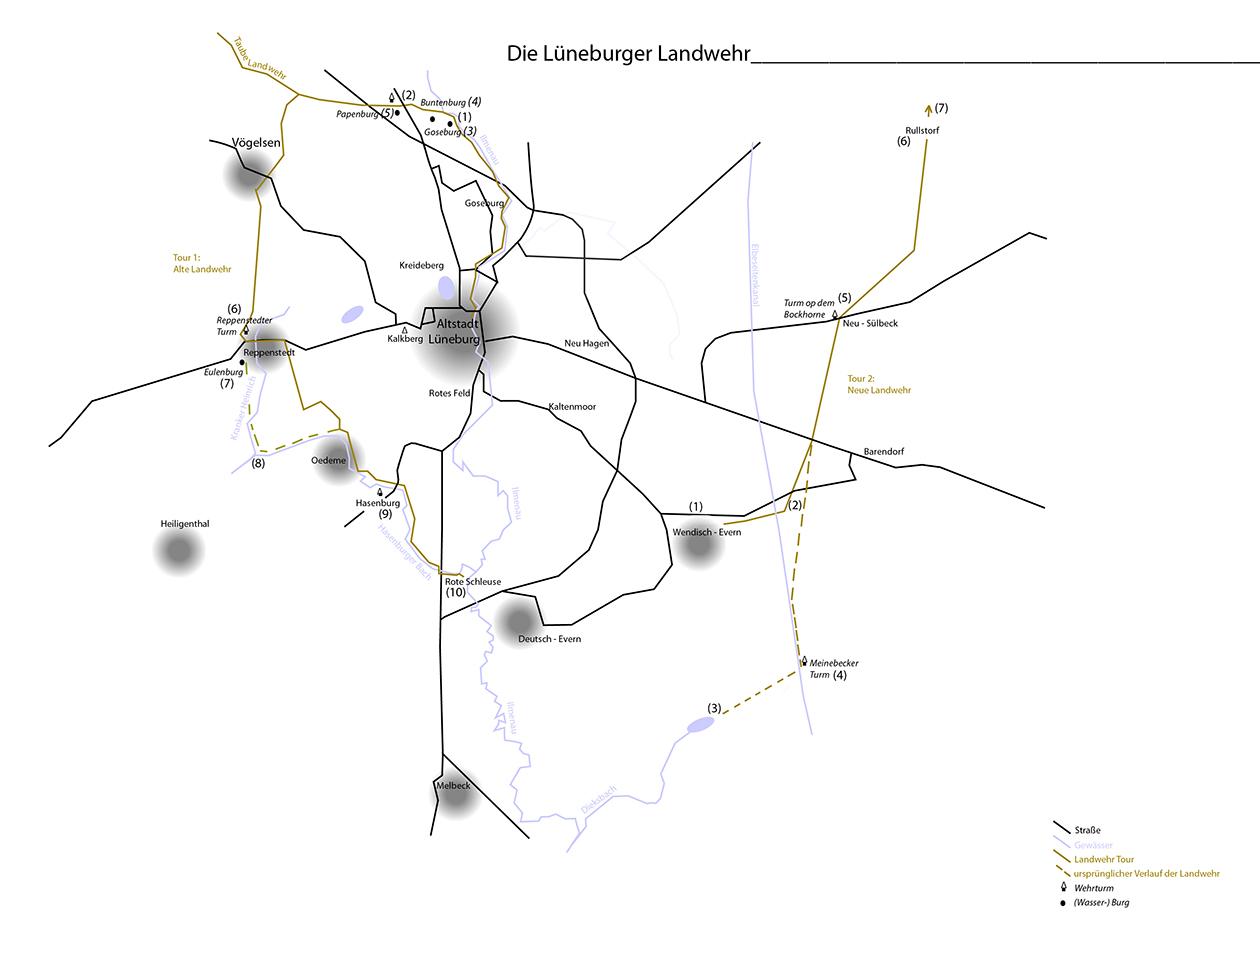 Das Lüneburger Landwehrsystem © Michelberger/Schwambach